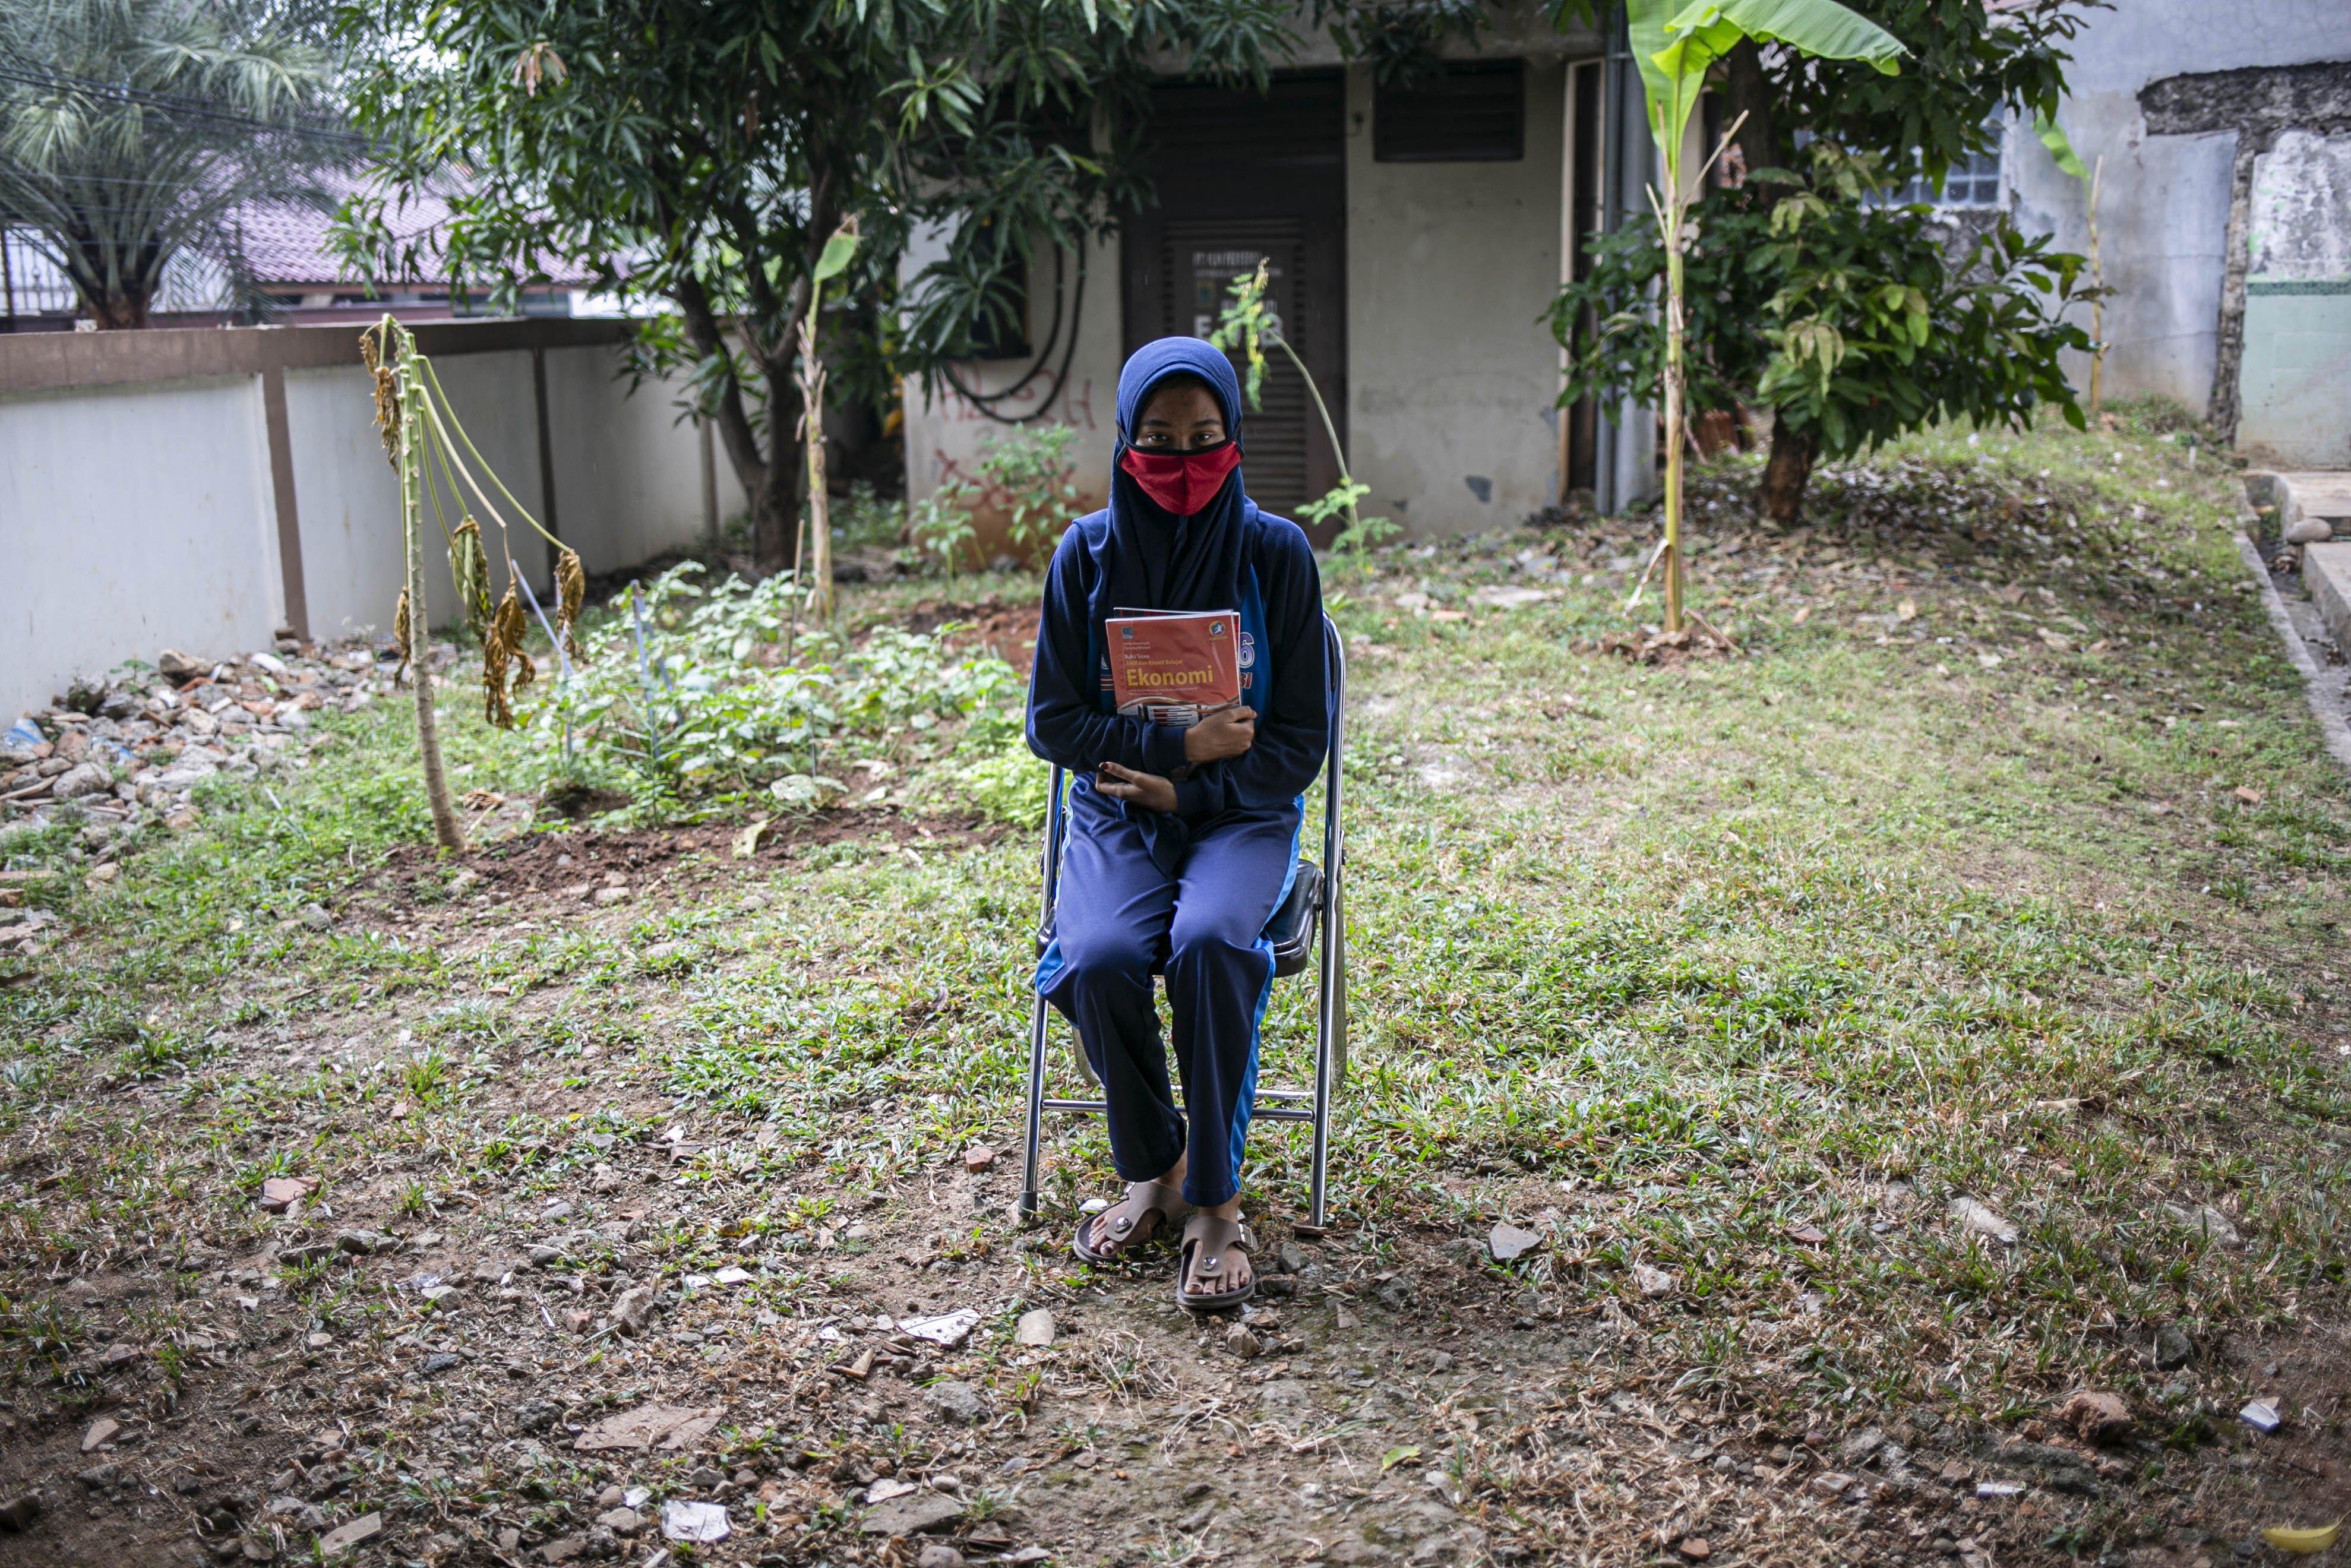 Potrait Nindi (17), Siswa SMAN 16 Bekasi sebelum ngikuti belajar secara daring di Kelurahan Jatirahayu, Bekasi, Jawa Barat, Selasa (4/8/2020). Kelurahan tersebut menyediakan fasilitas WiFi untuk siswa-siswi sekolah yang terkendala sistem belajar secara daring.